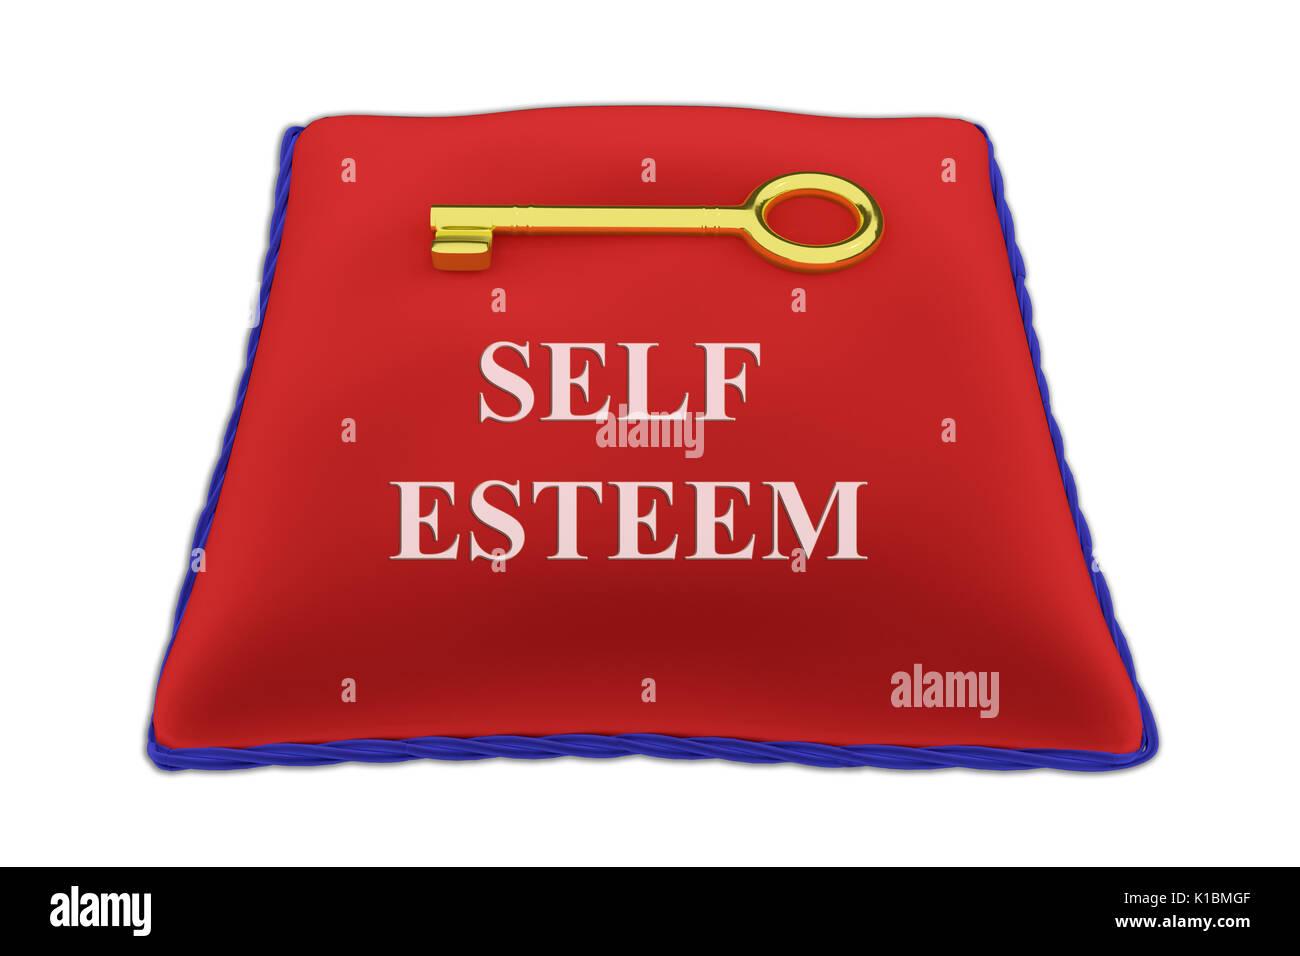 Render illustration of Self Esteem Title on red velvet pillow near a golden key, isolated on white. - Stock Image